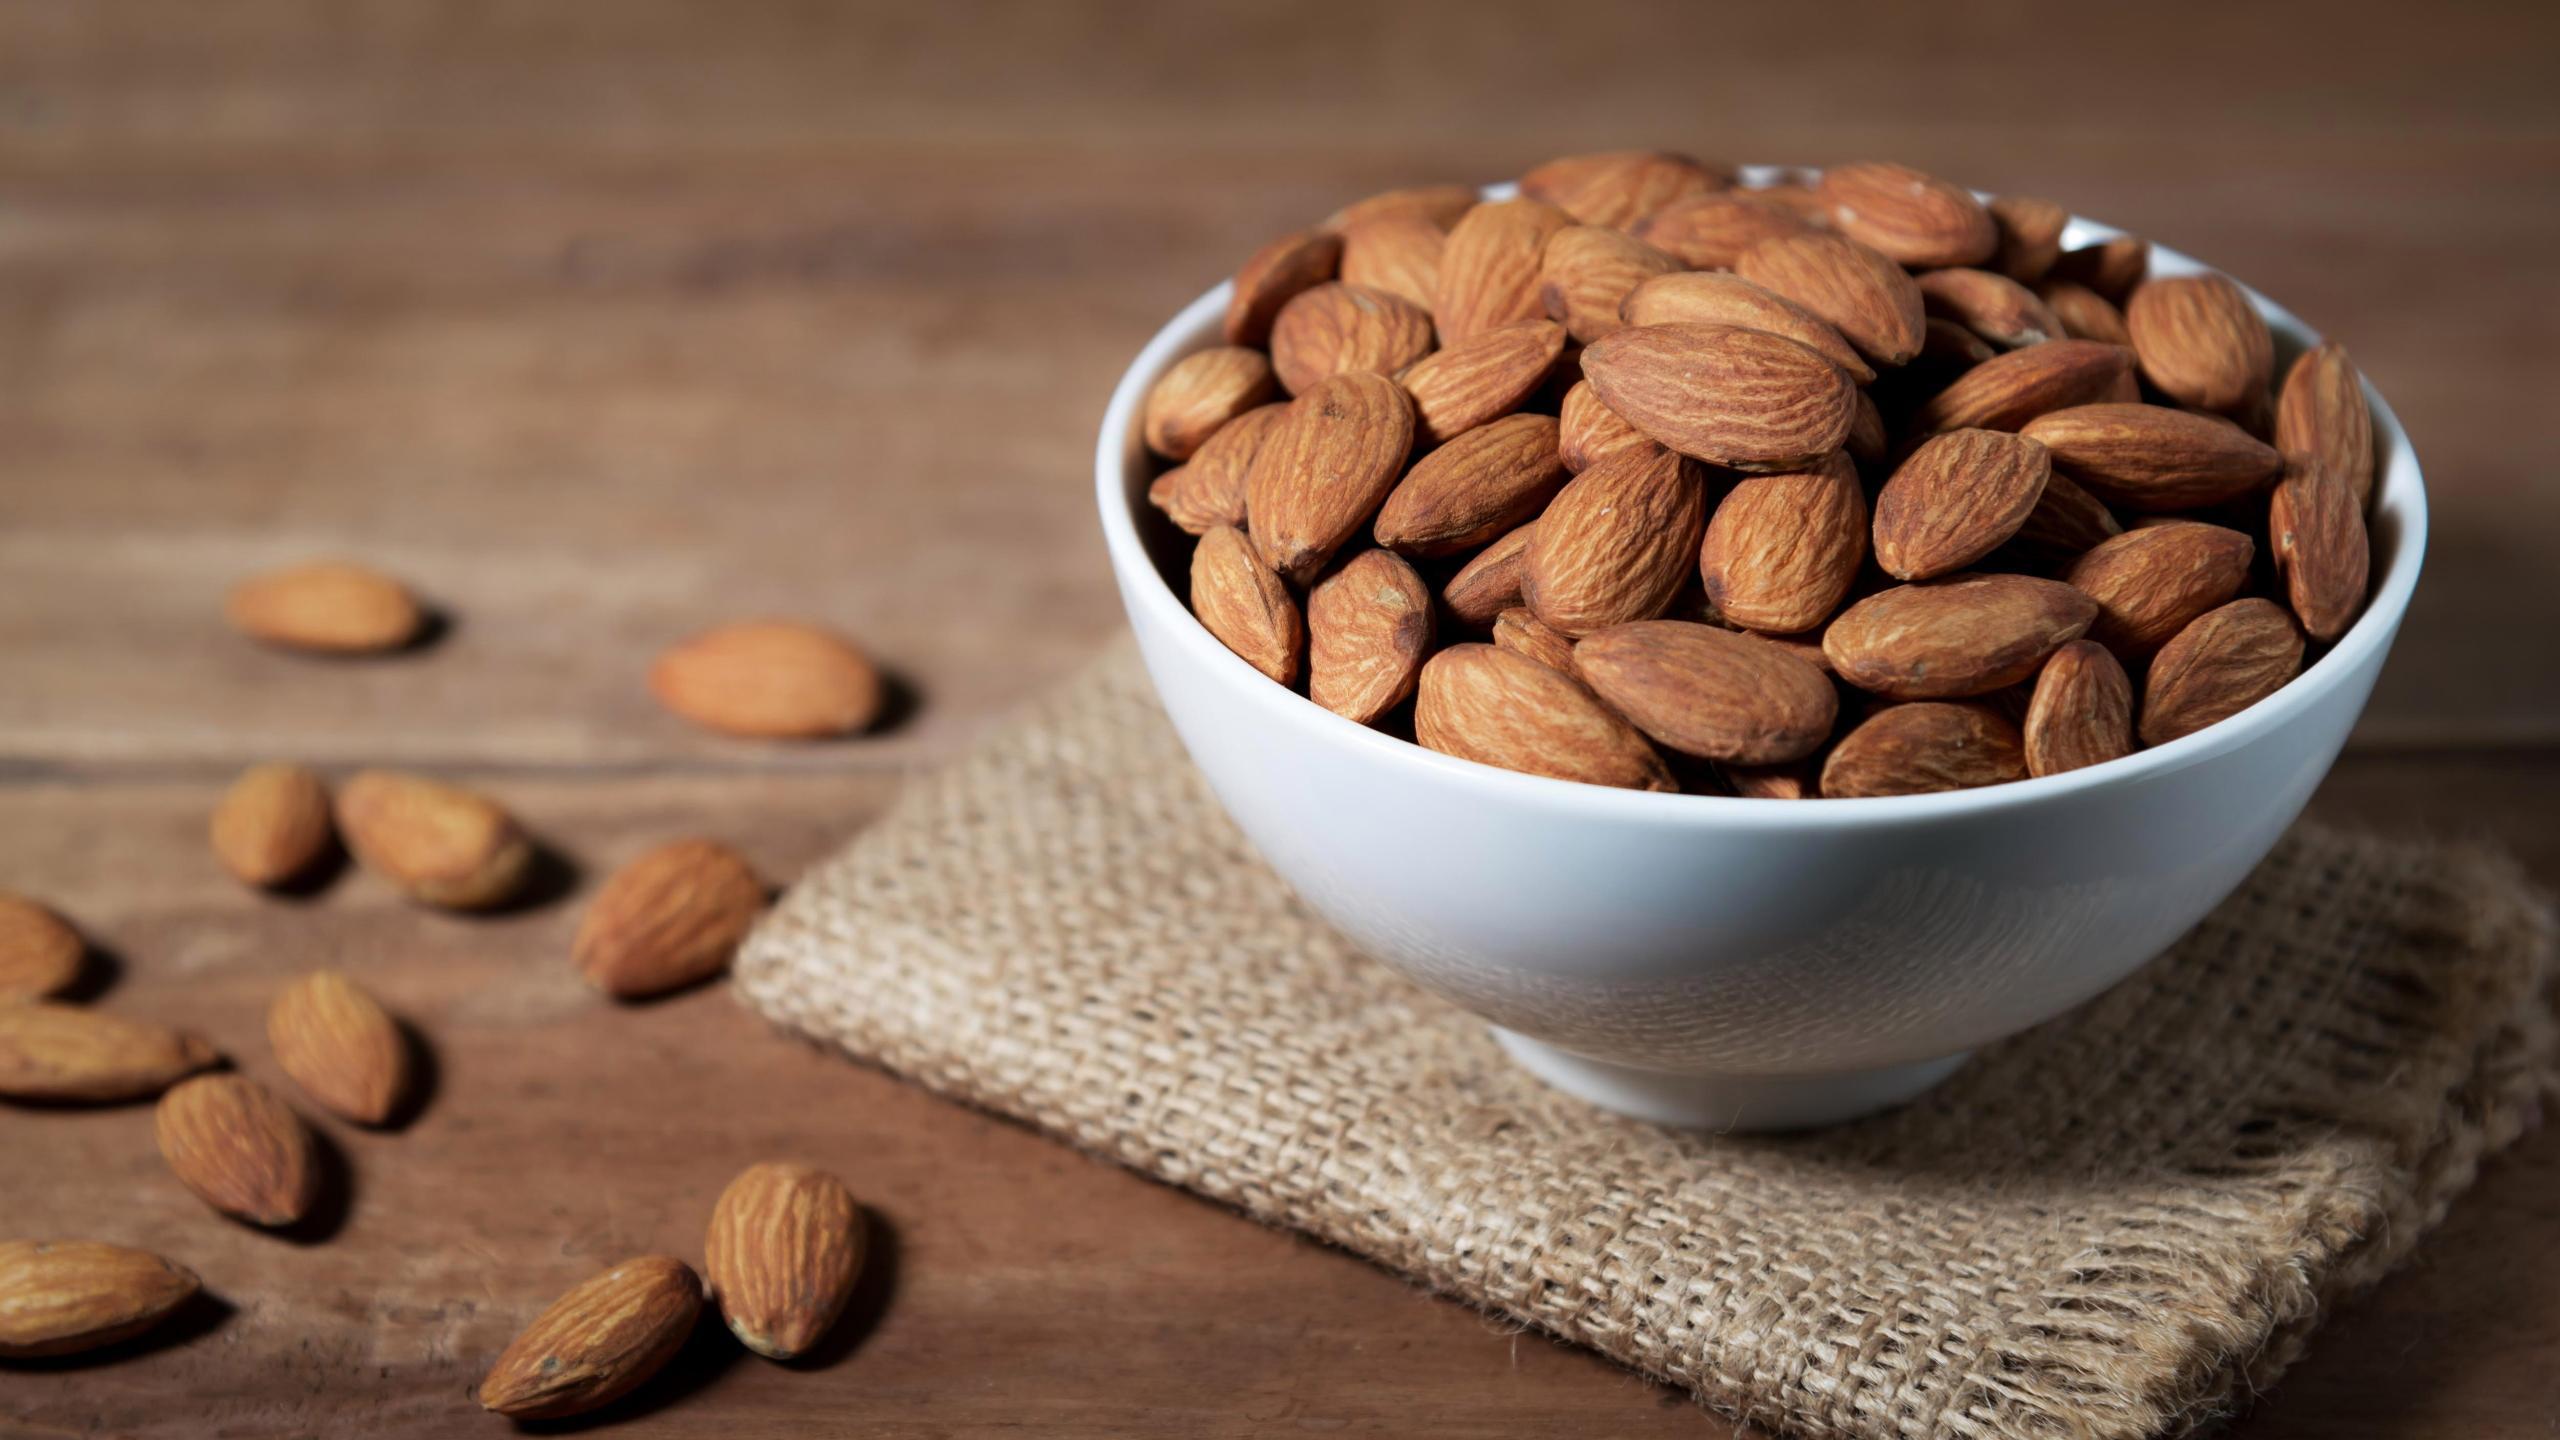 Миндаль улучшает здоровье сосудов и связан с более здоровым питанием